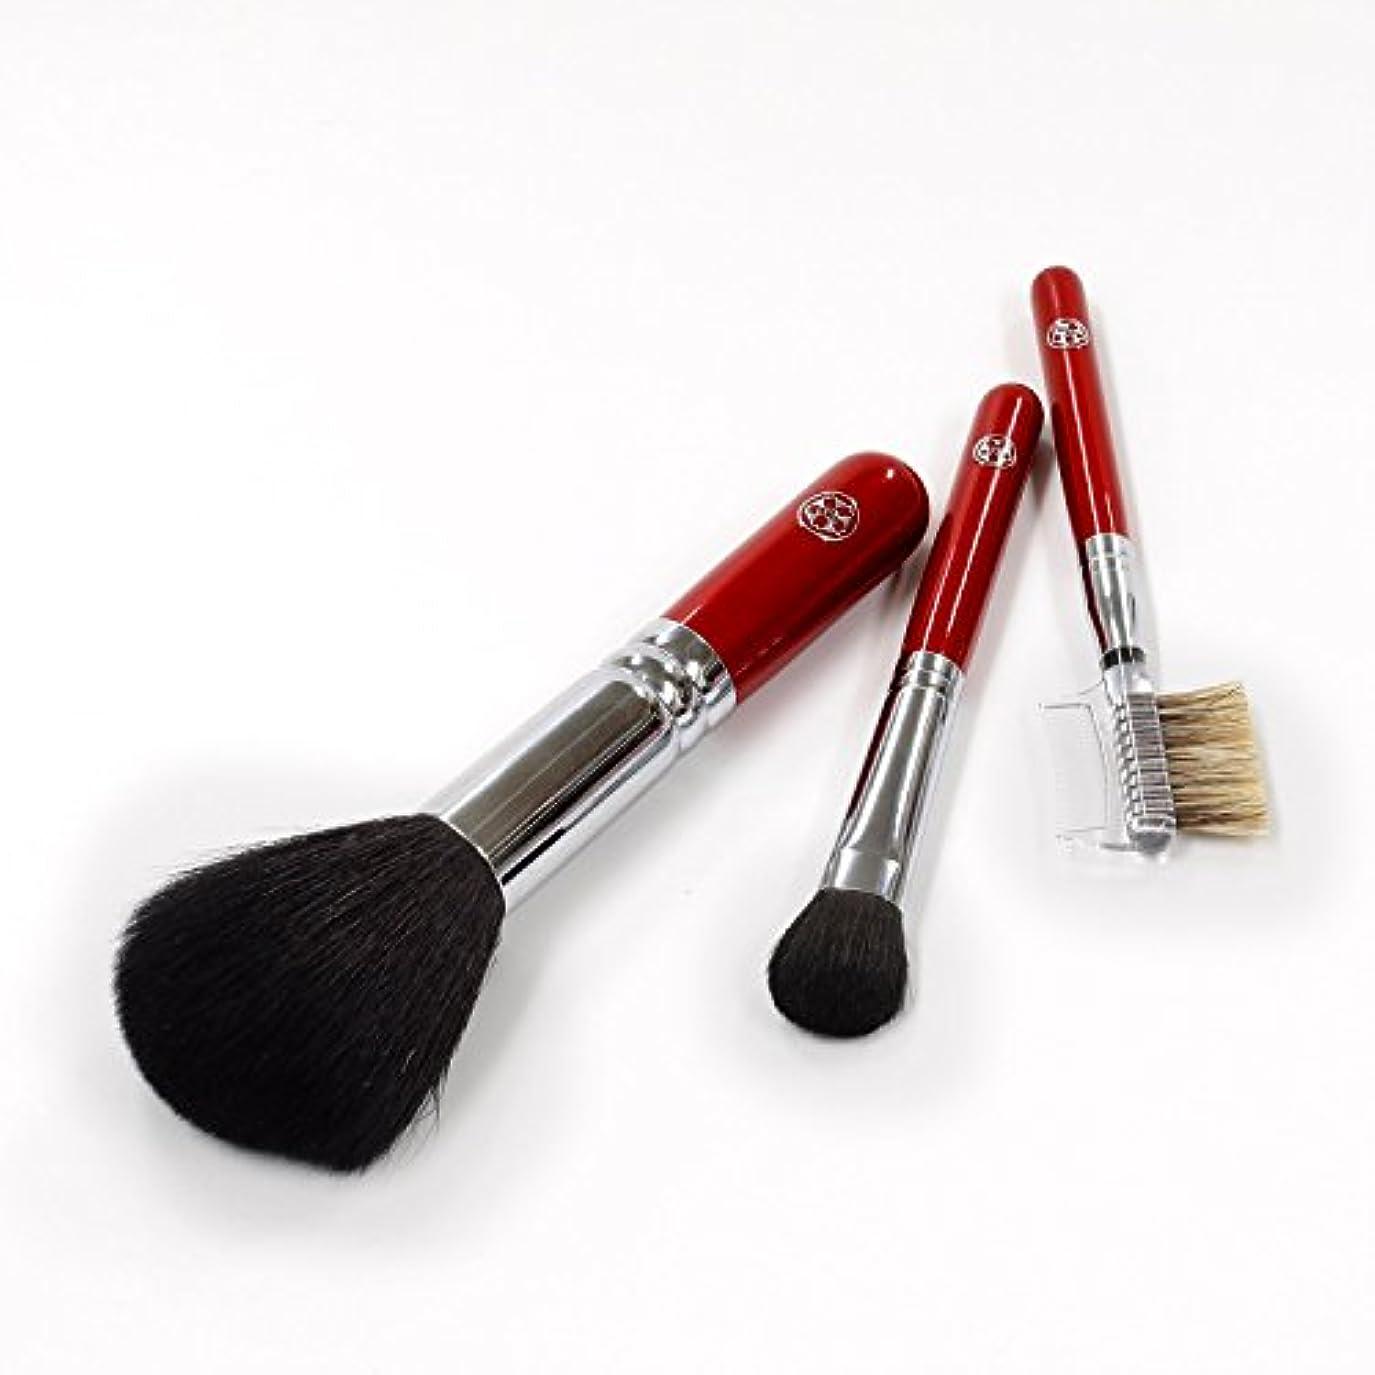 アクロバット人里離れた名目上のARRS-S3さくら筆 まずはこの3本から 基本の化粧筆 3本セット パウダー アイシャドー ブラシ&コーム 六角館さくら堂 ロゴ入り 女性の手になじみやすい赤軸ショートタイプ 熊野筆